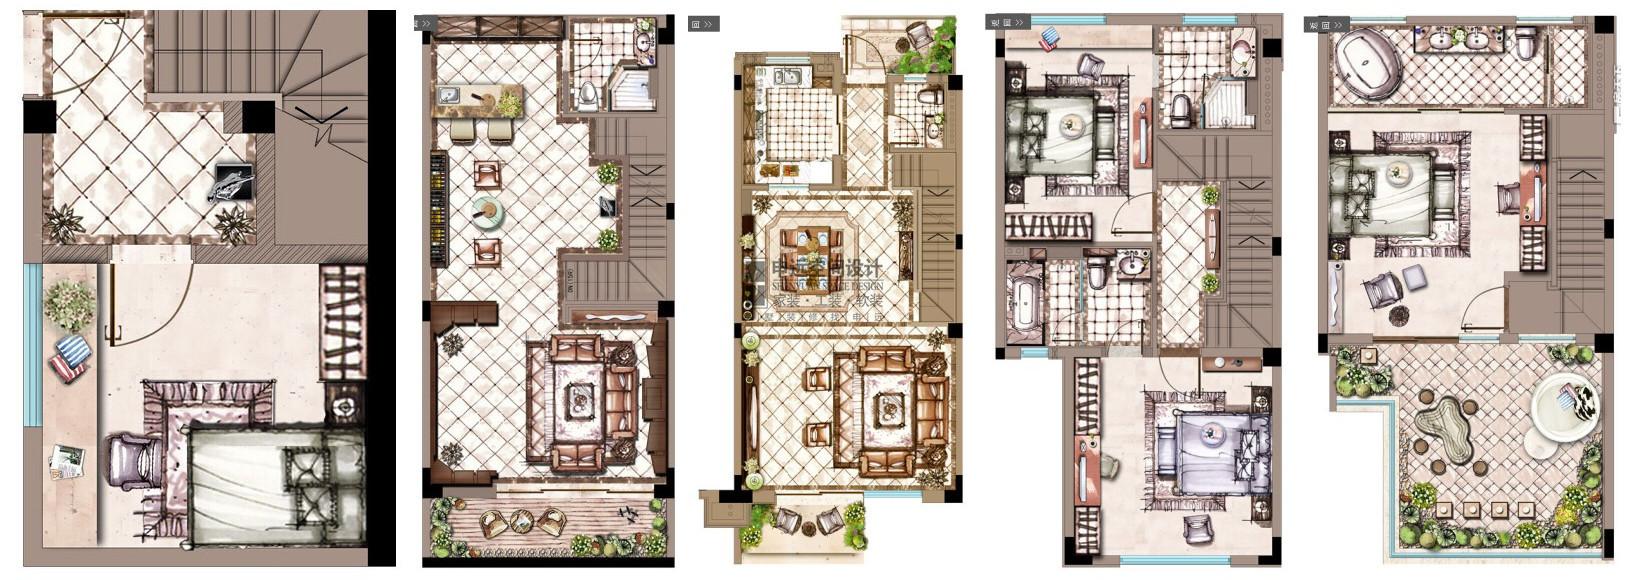 雅居乐星爵 别墅 装修 设计 申远 四居 欧式 户型图图片来自申远-小申在雅居乐星爵别墅    欧式风的分享